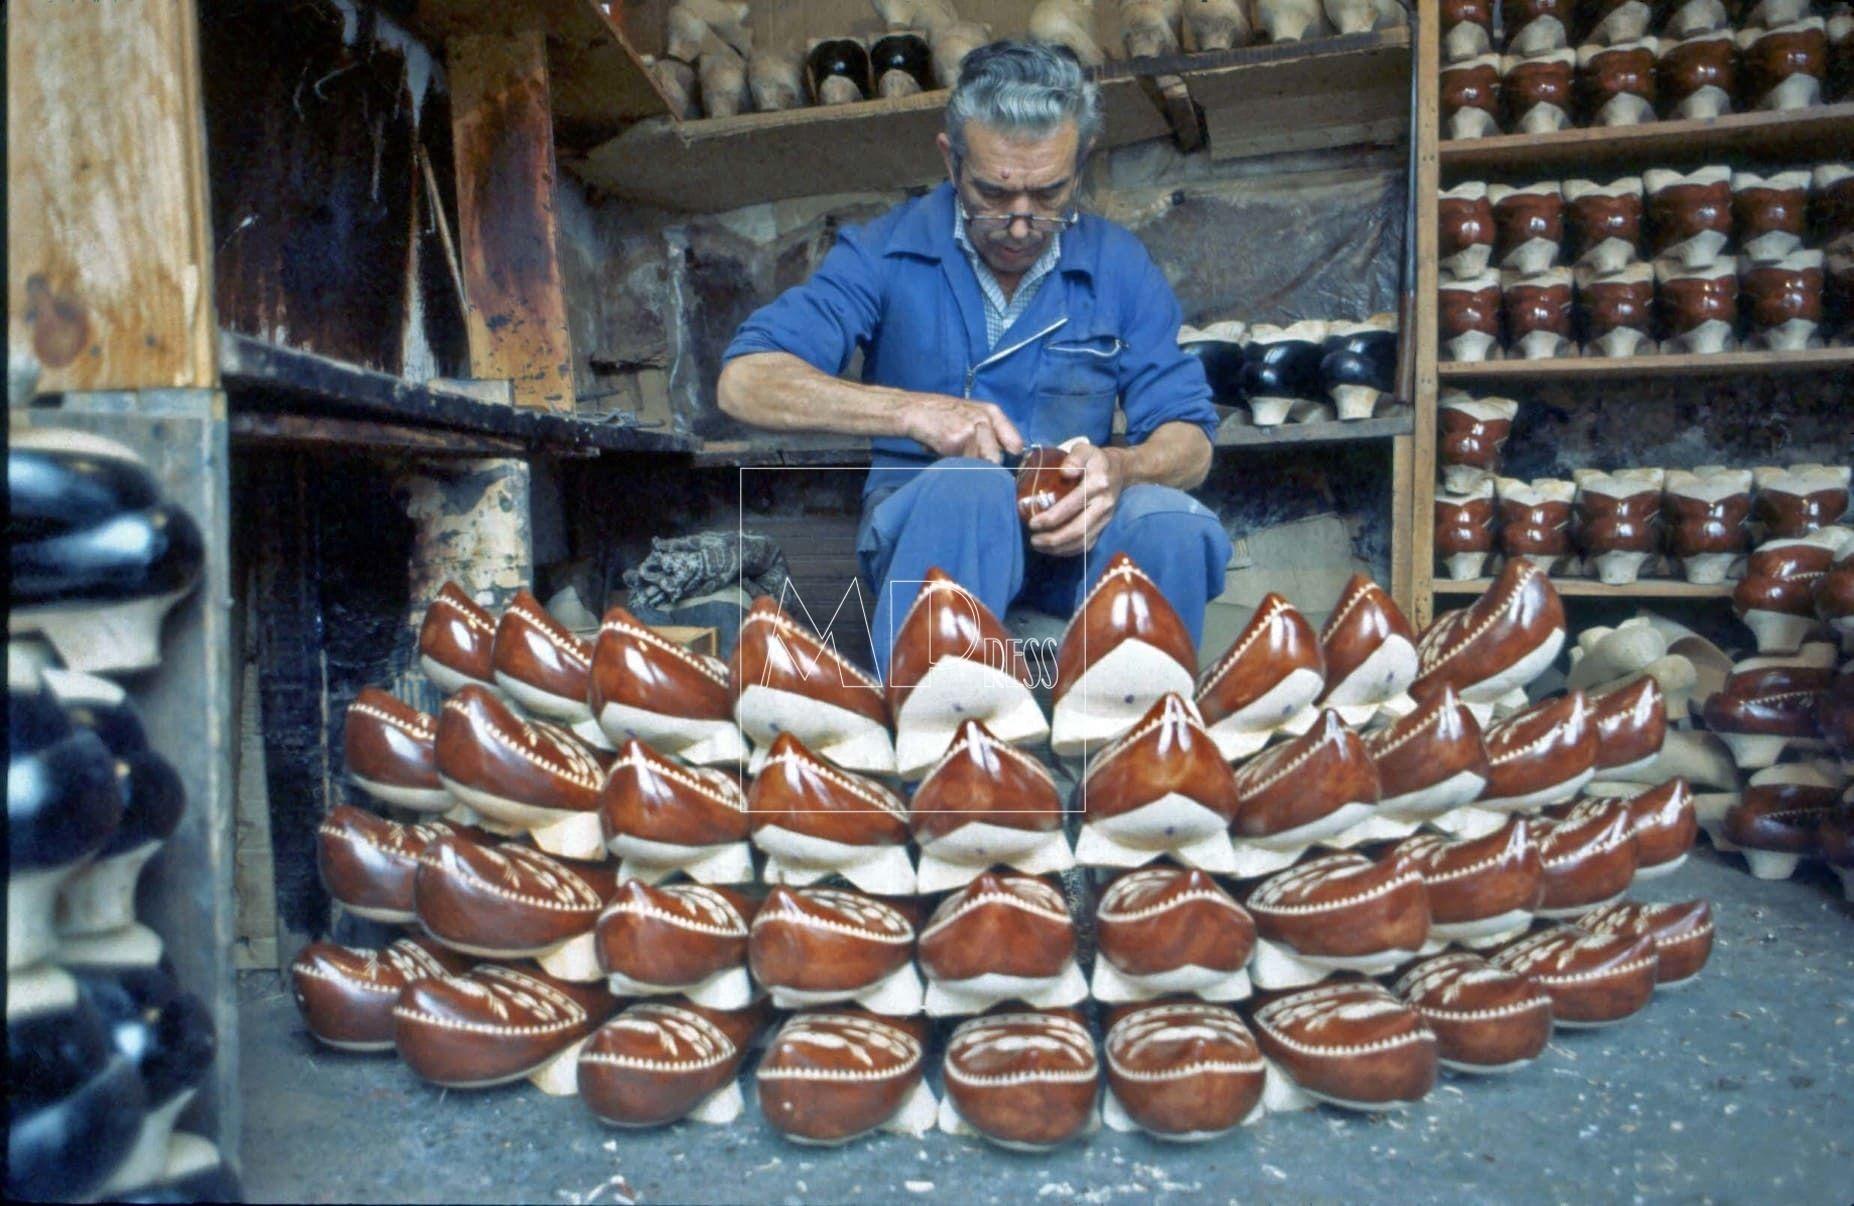 Artesano Madreñero fabricando madreñas.